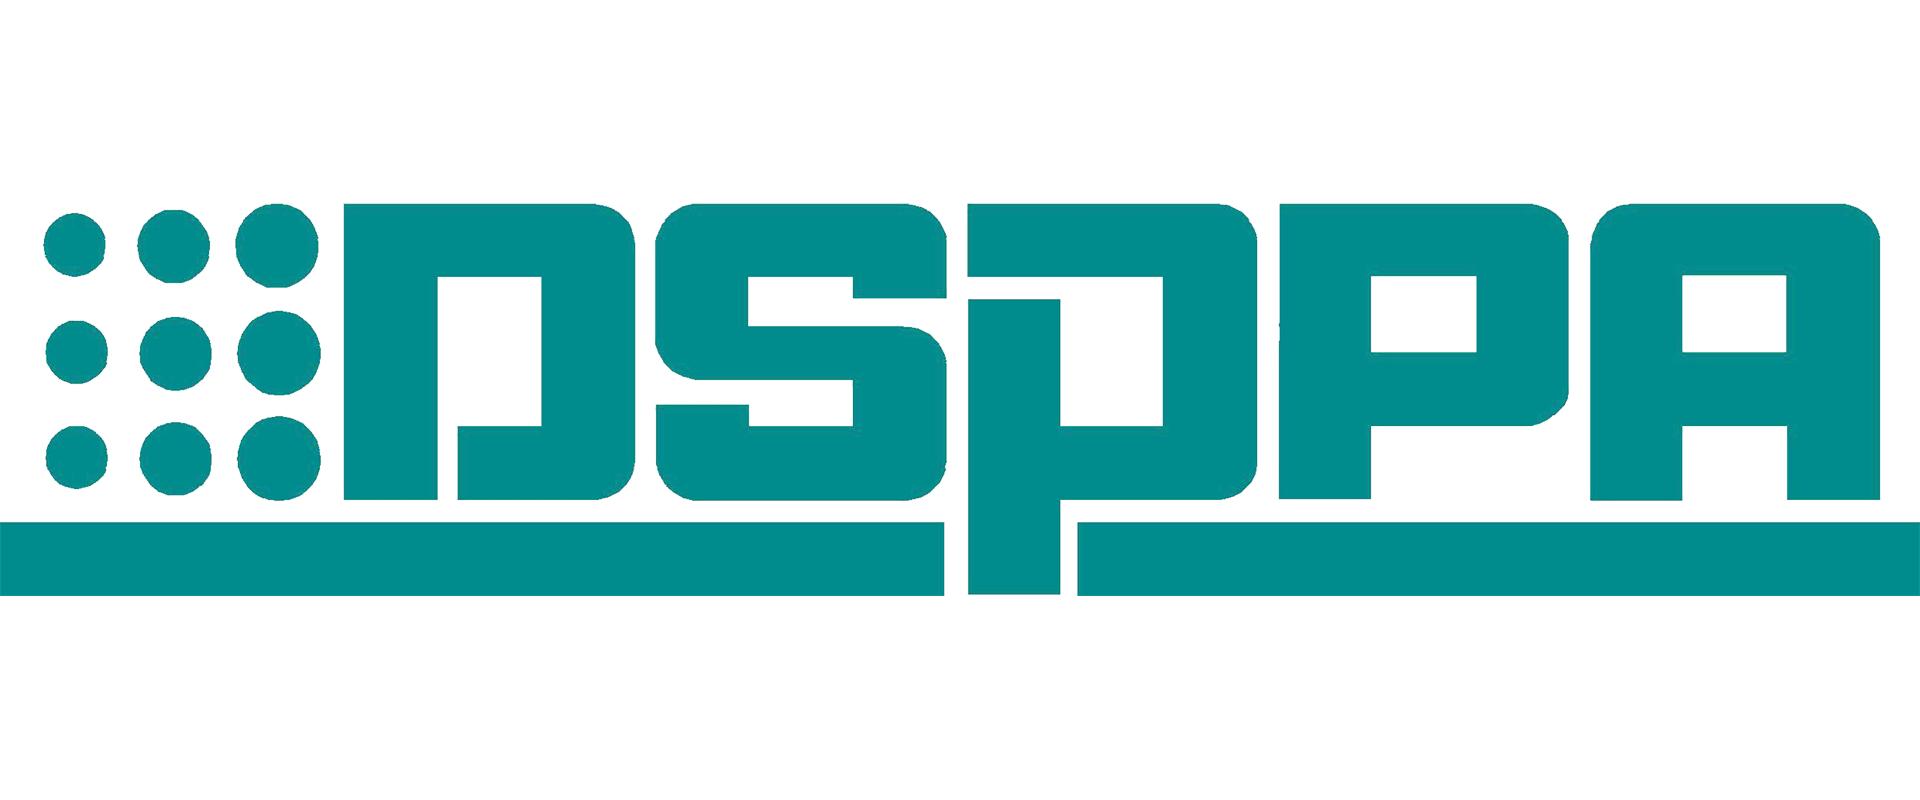 广州市迪士普音响科技有限公司(迪士普DSPPA)概况——迪士普DSPPA产品品牌商标LOGO标志